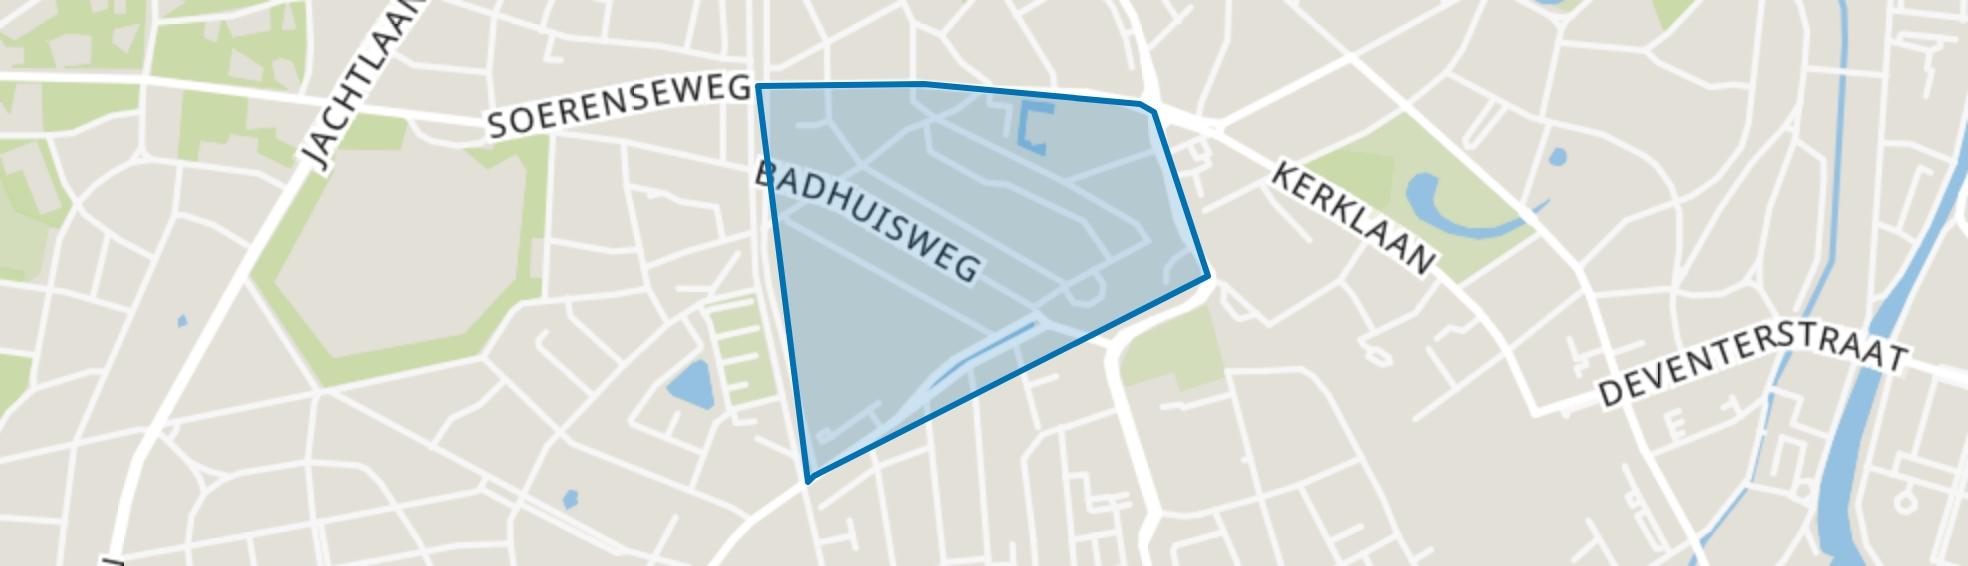 Sprengenweg-Noord, Apeldoorn map